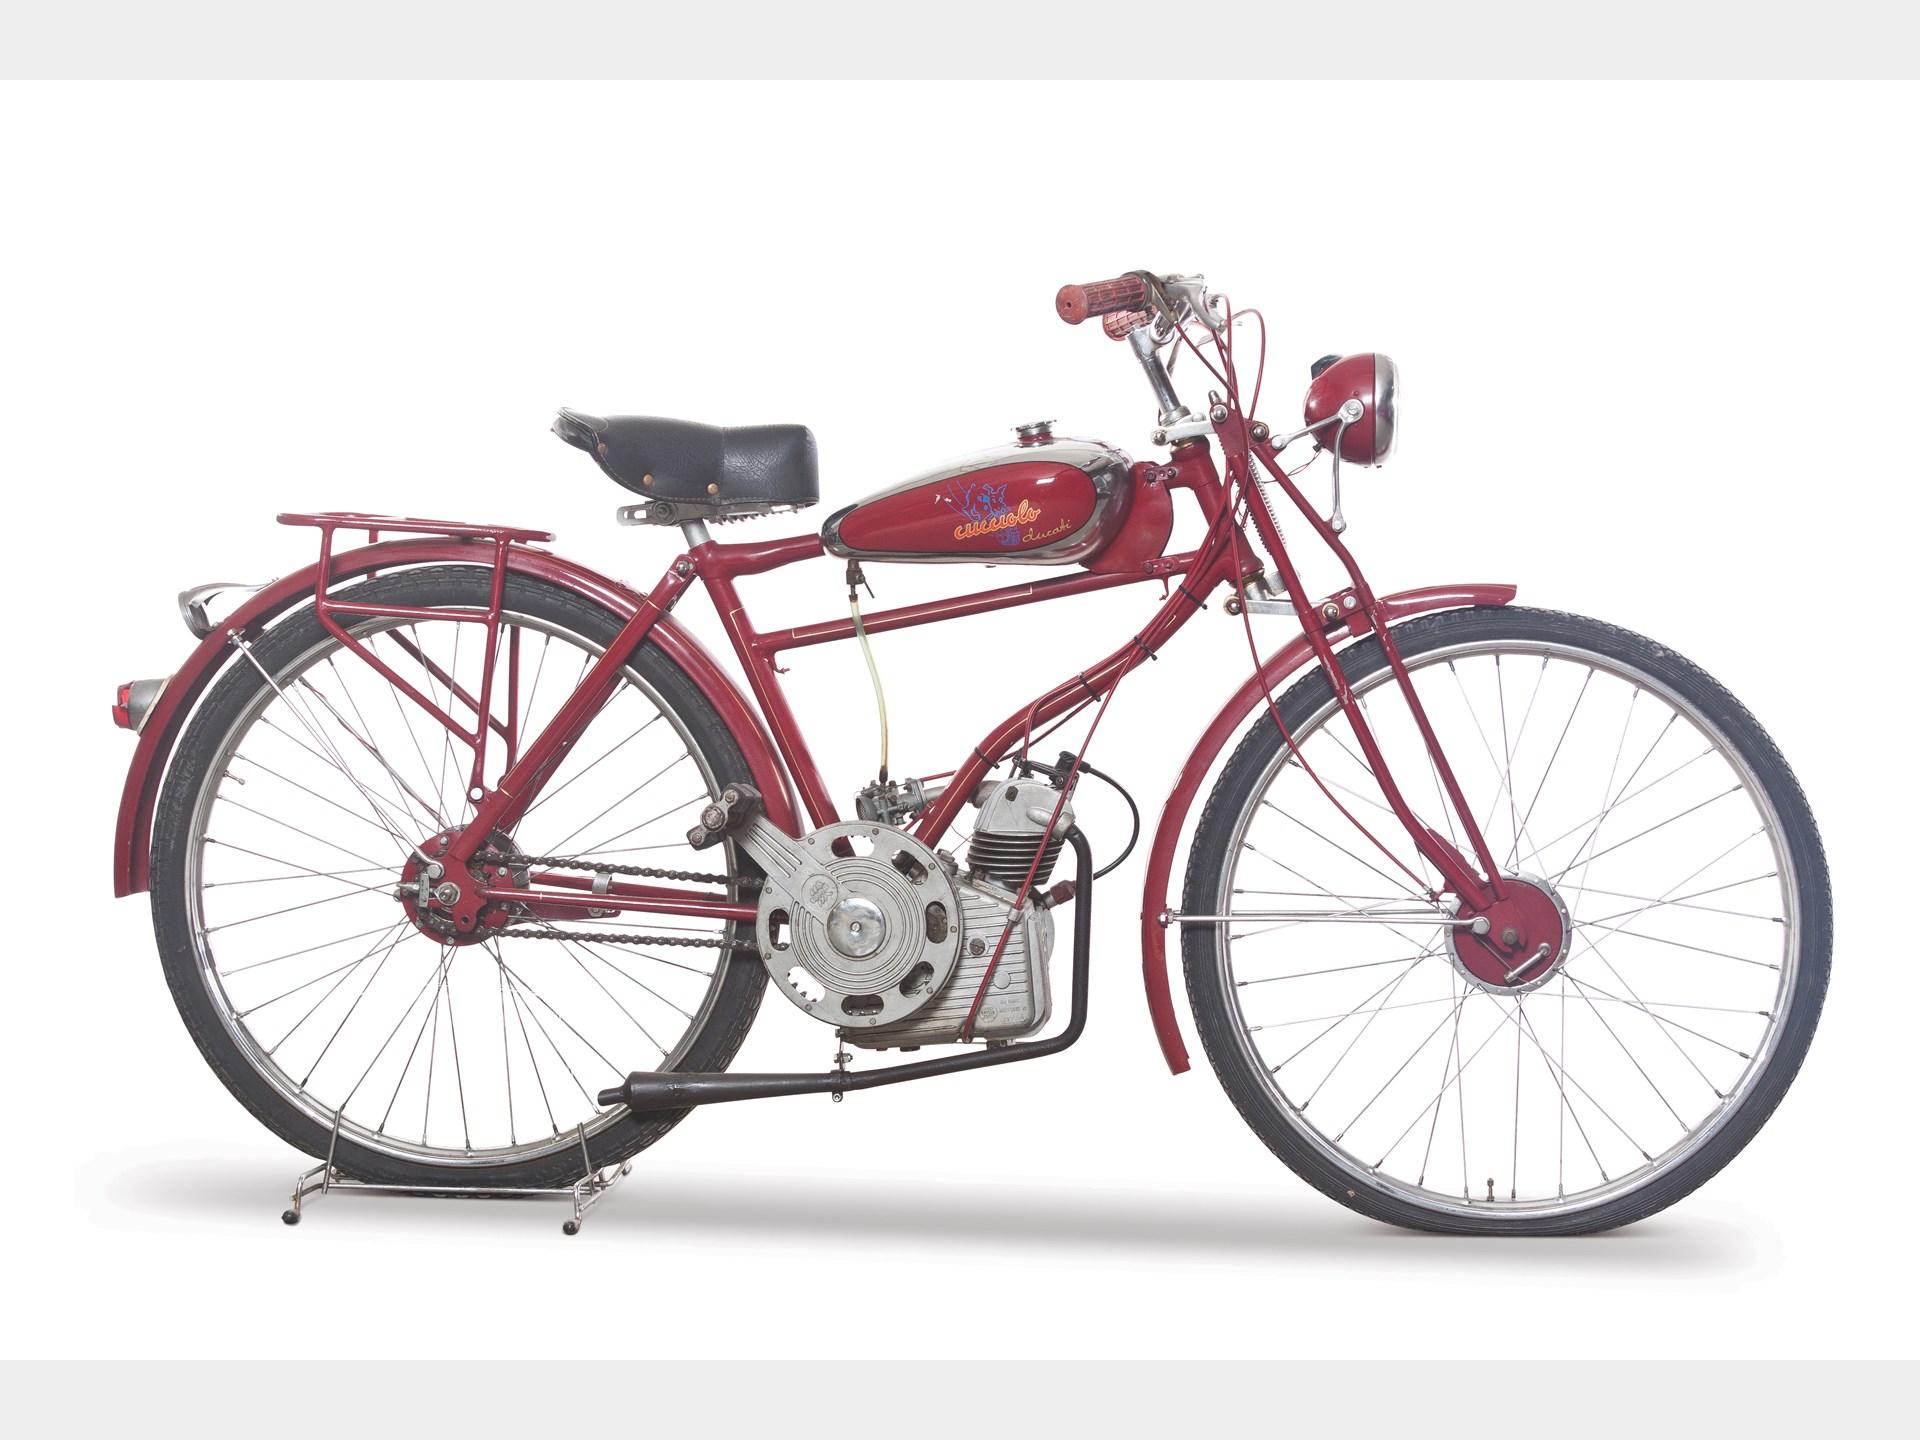 Begini Nih Motor Pertama Ducati Wujudnya Mirip Sepeda Ontel